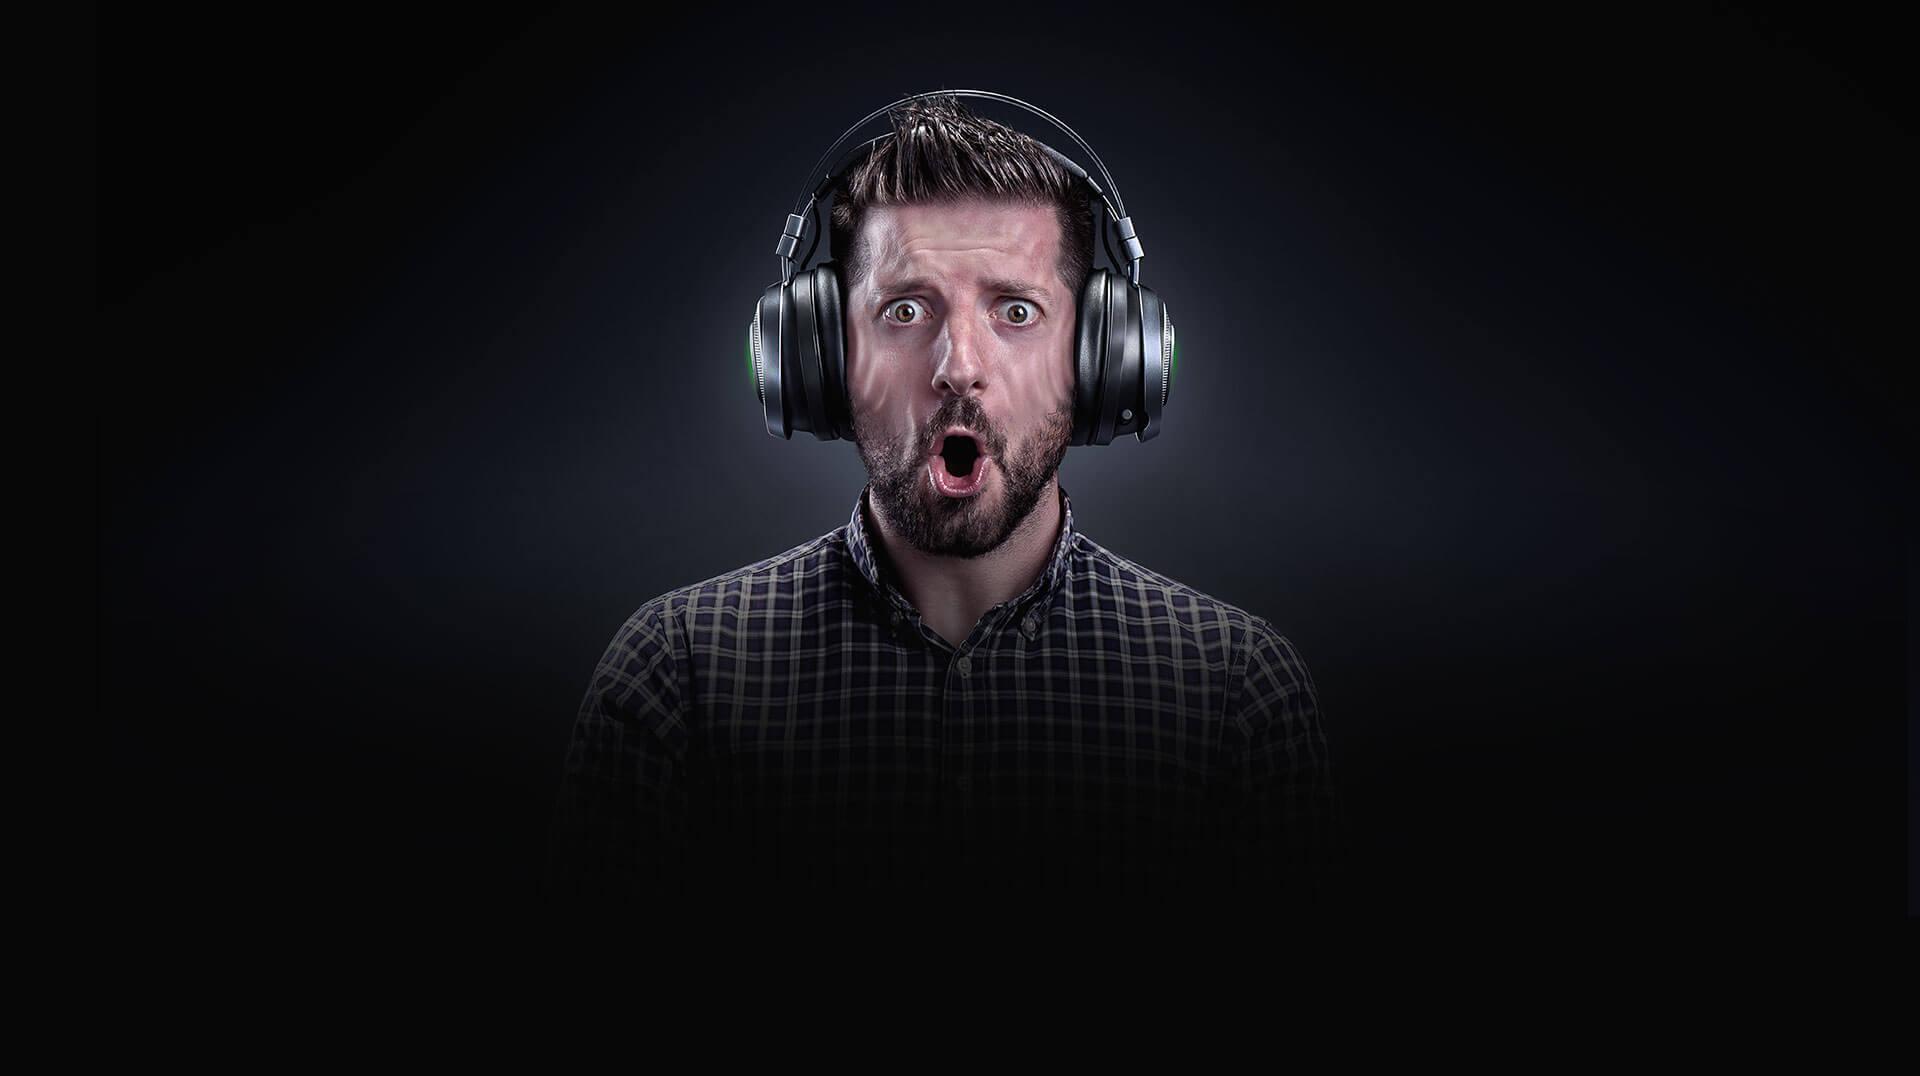 Tai nghe gaming không dây Razer Nari Ultimate PewDiePie Edition (RZ04-02670300-R3M1) tích hợp công nghệ phản hồi cao cấp